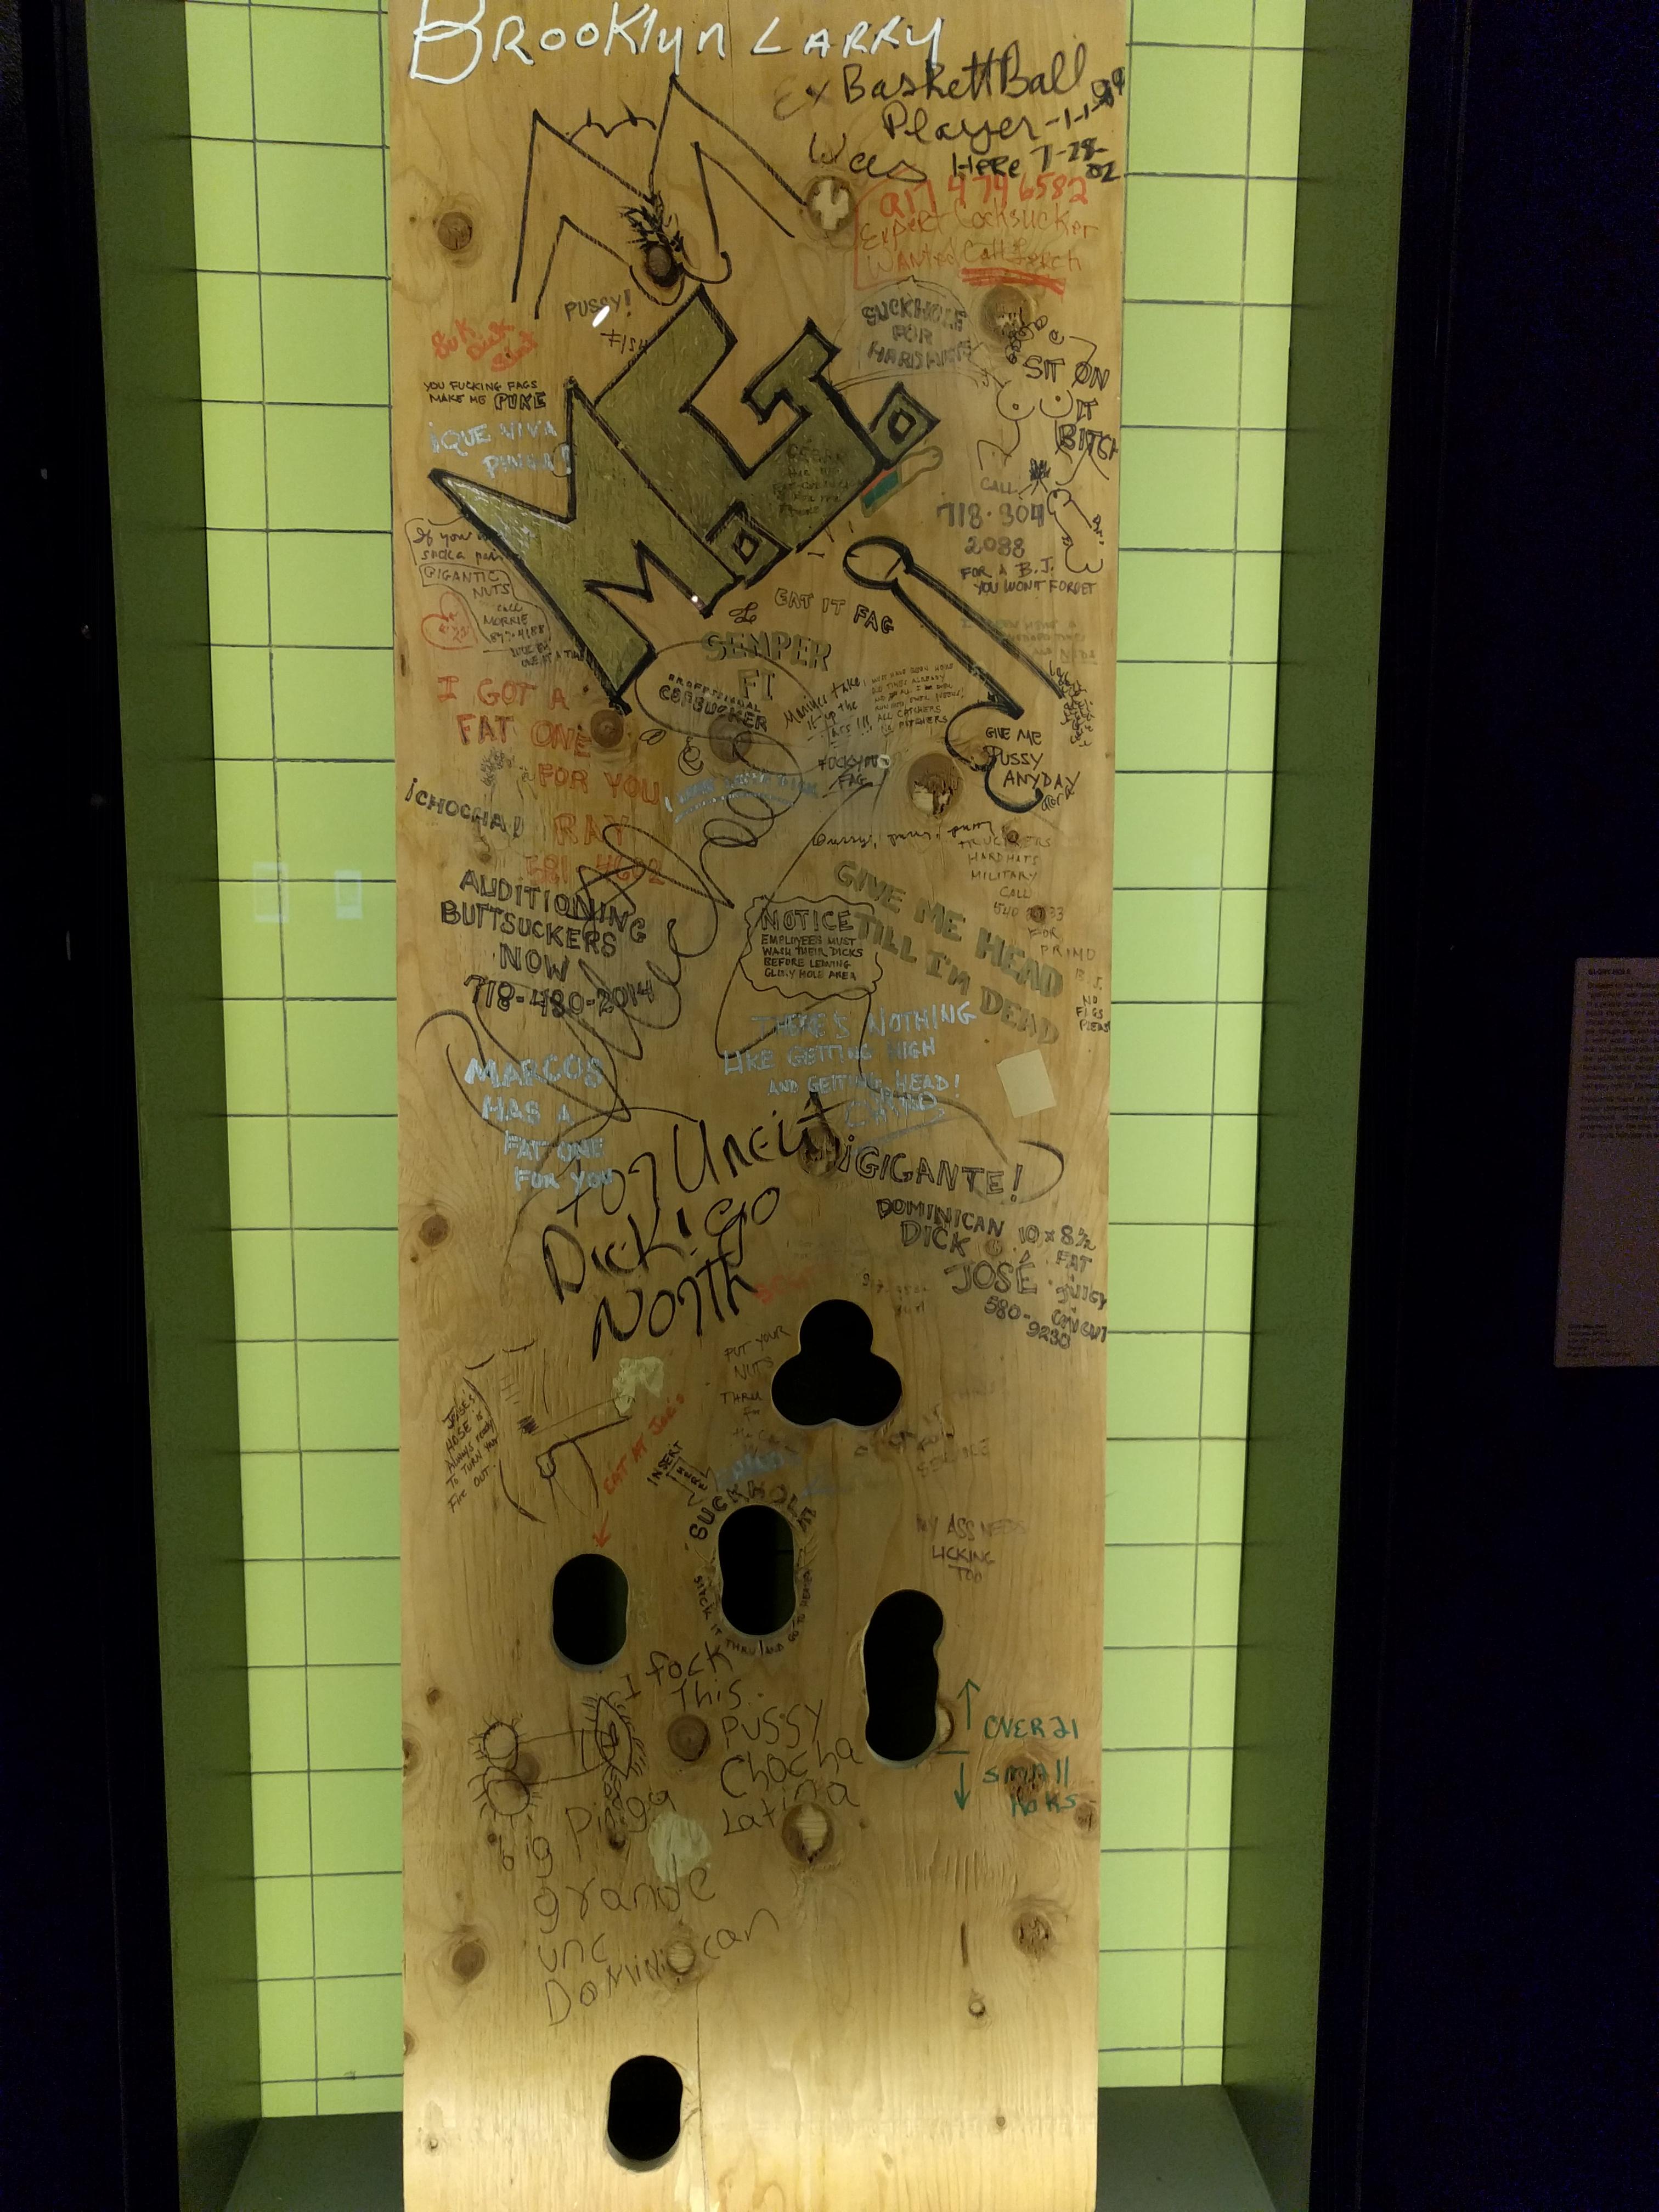 Anonim szexuális interakciókat szolgáló ún. glory hole. Állítólag ez volt az utolsó Manhattenben...később egy magánház egy ajtajaként szolgált, mielőtt a múzeumnak adományozták.